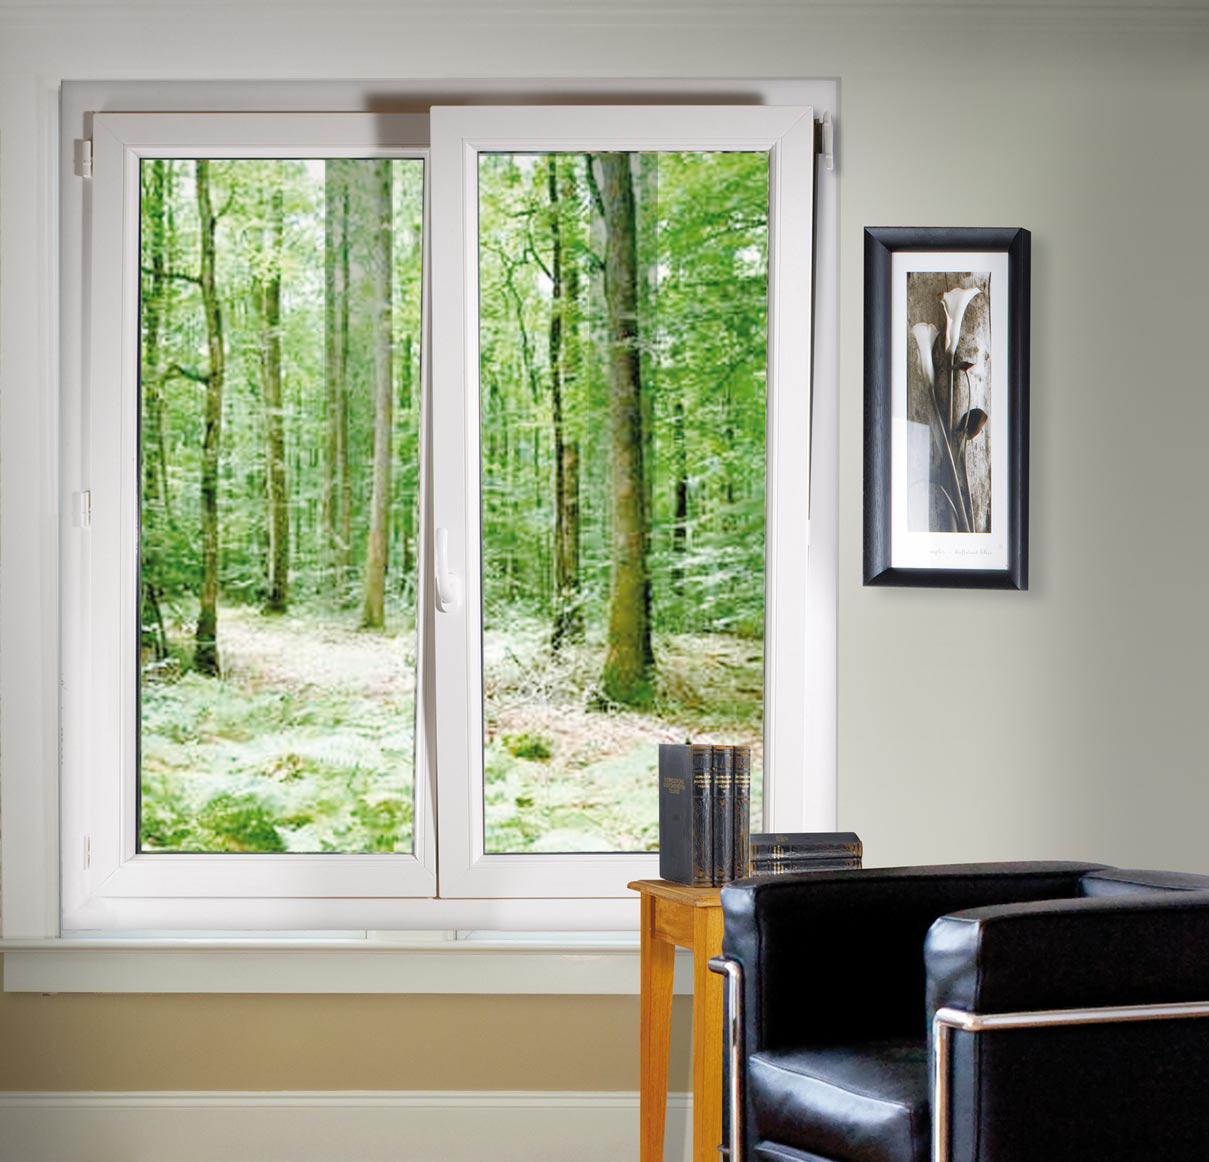 L'offre Orion Menuiseries en fenêtres PVC